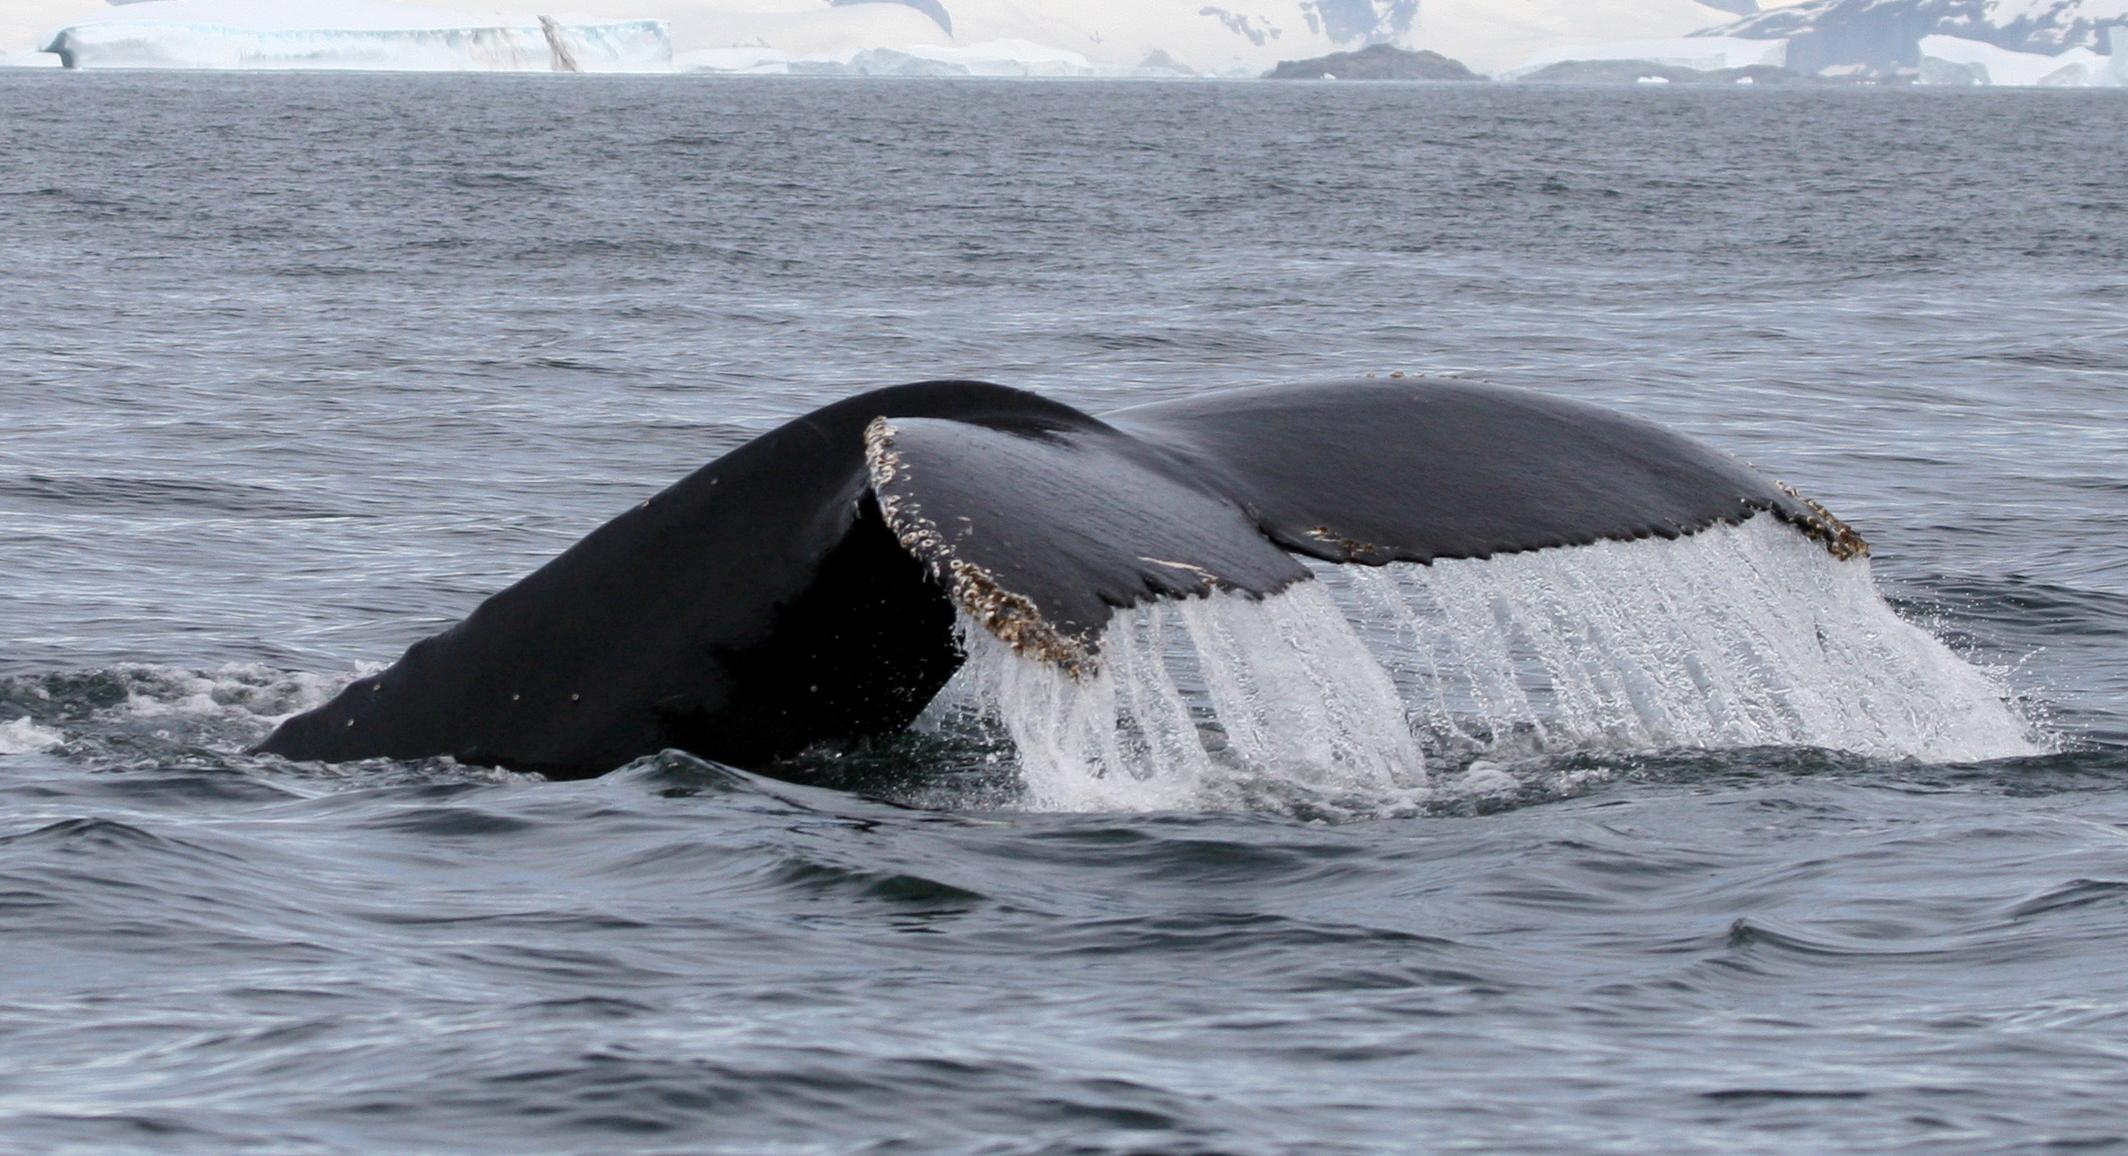 Se hvalerne i Island på denne hvalsafari i Breiðafjörður-fjorden på Snæfellsnes-halvøen.